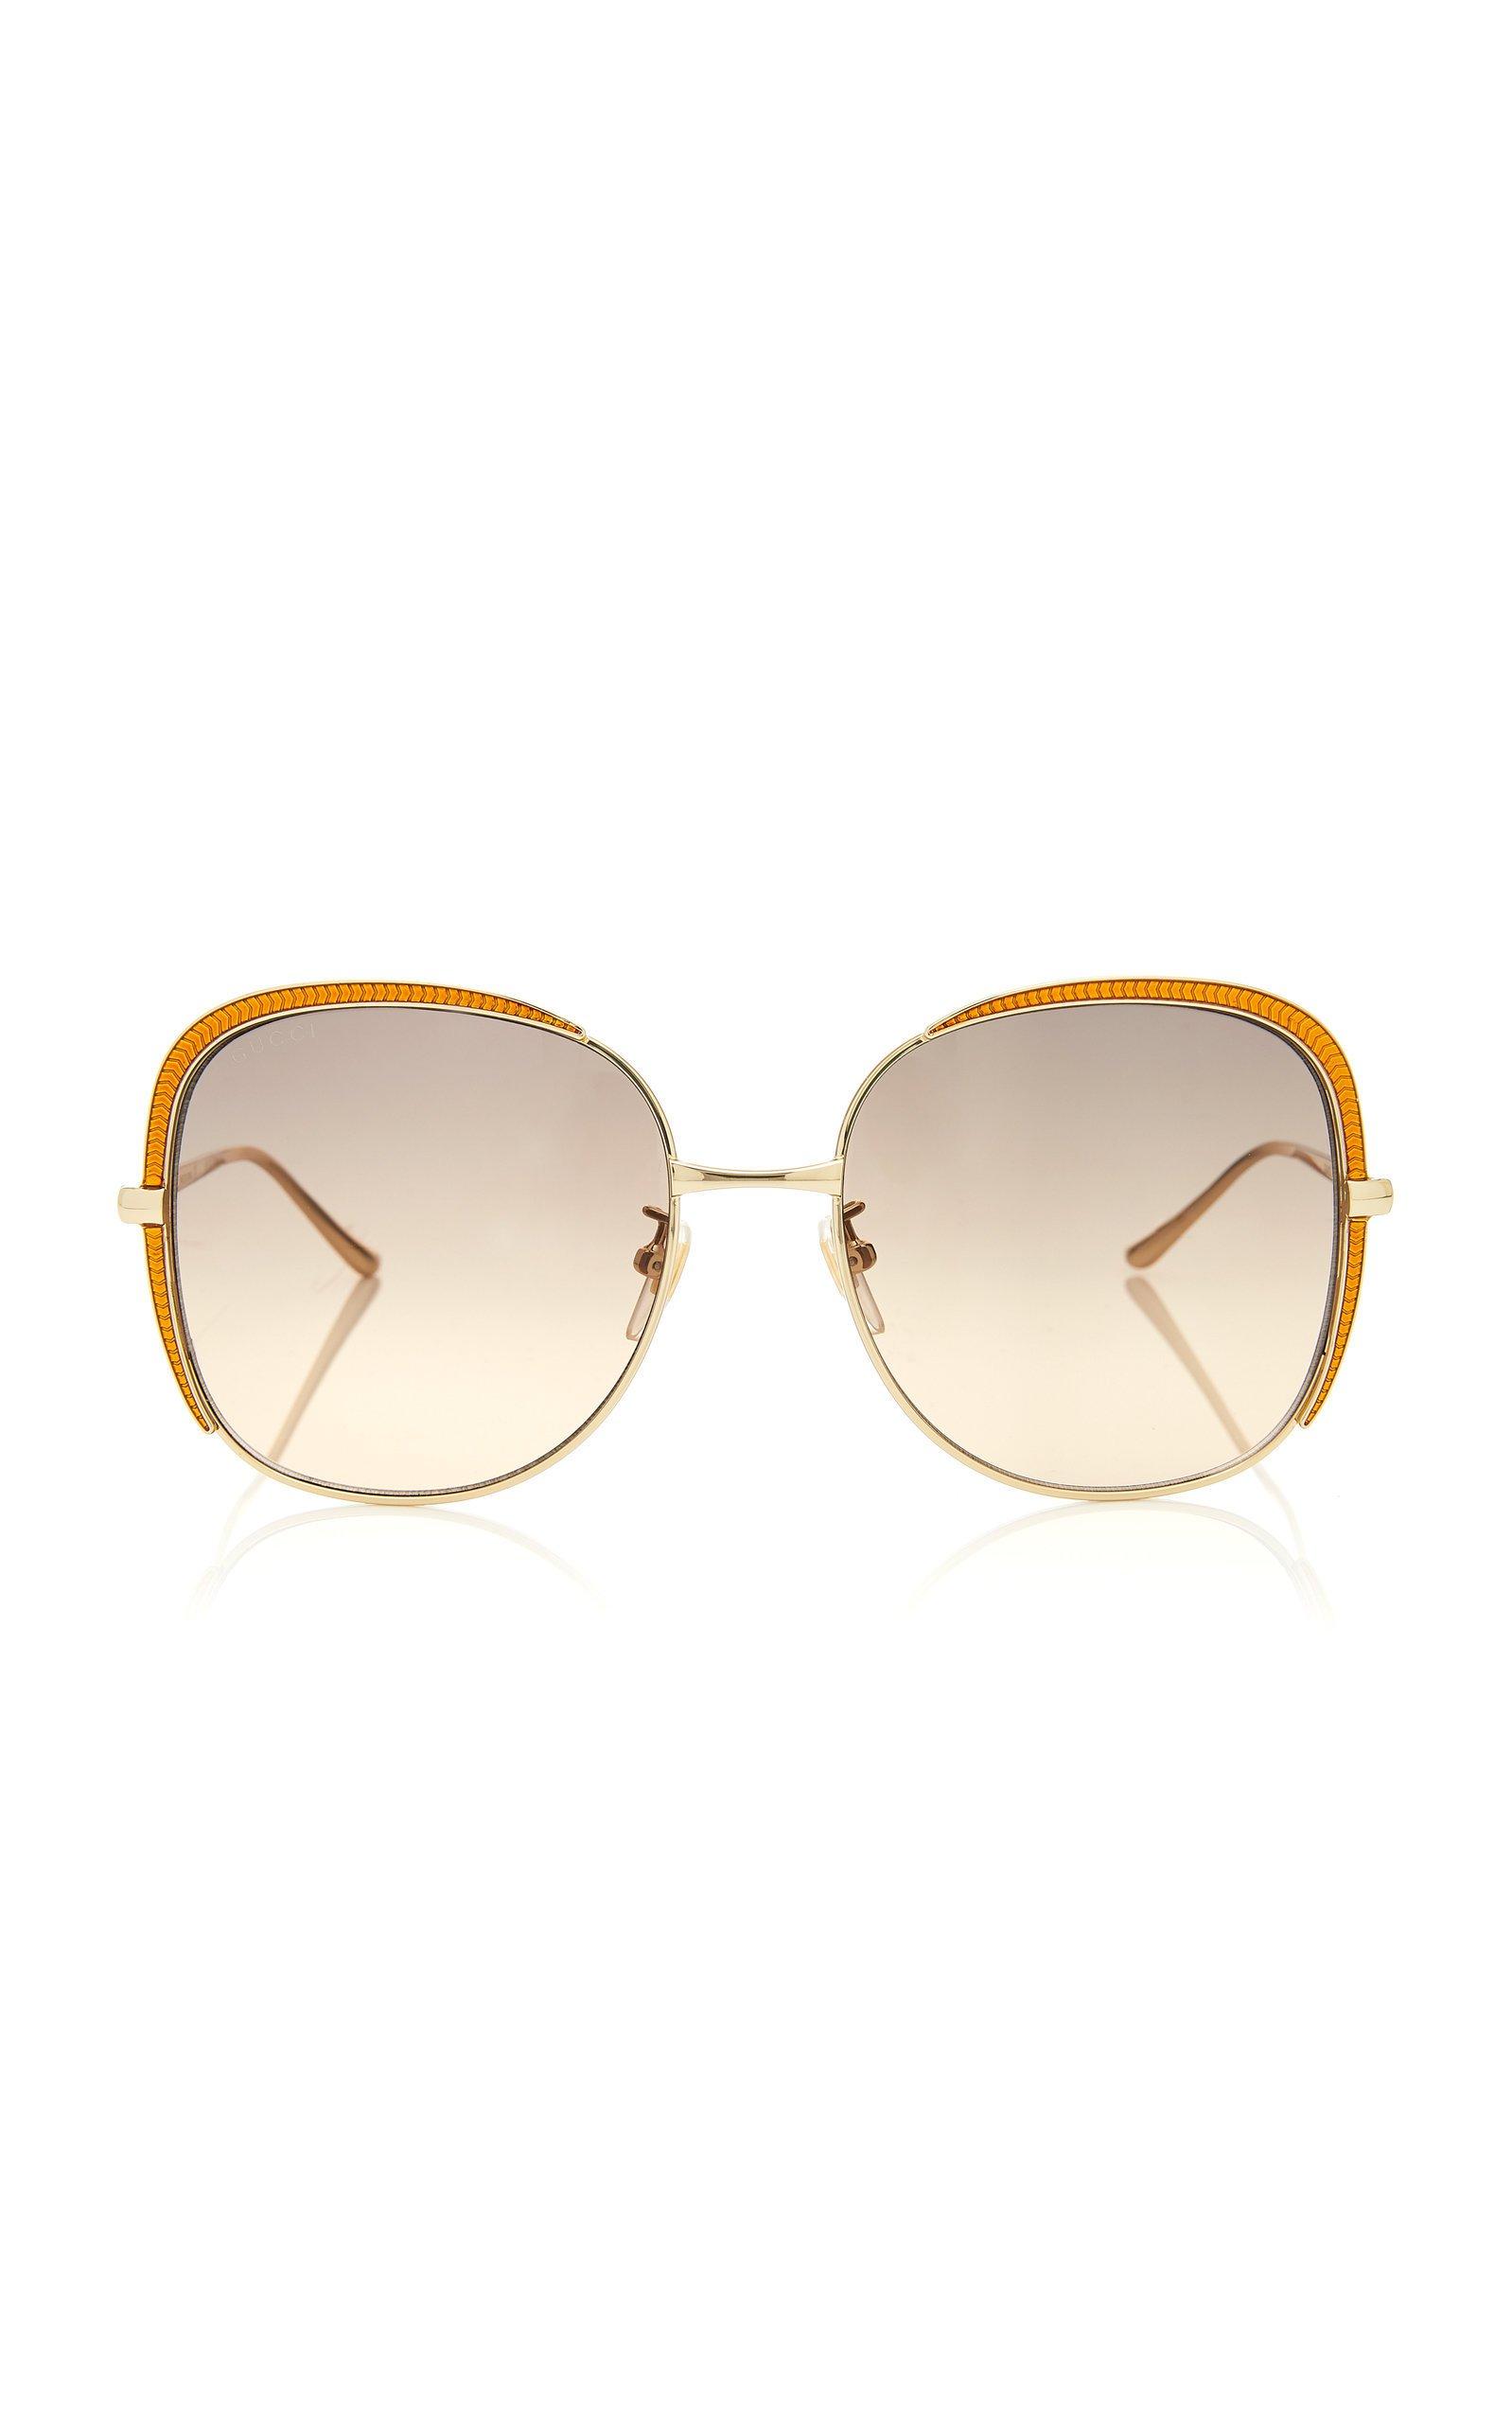 Gucci Guillochet Squared Sunglasses